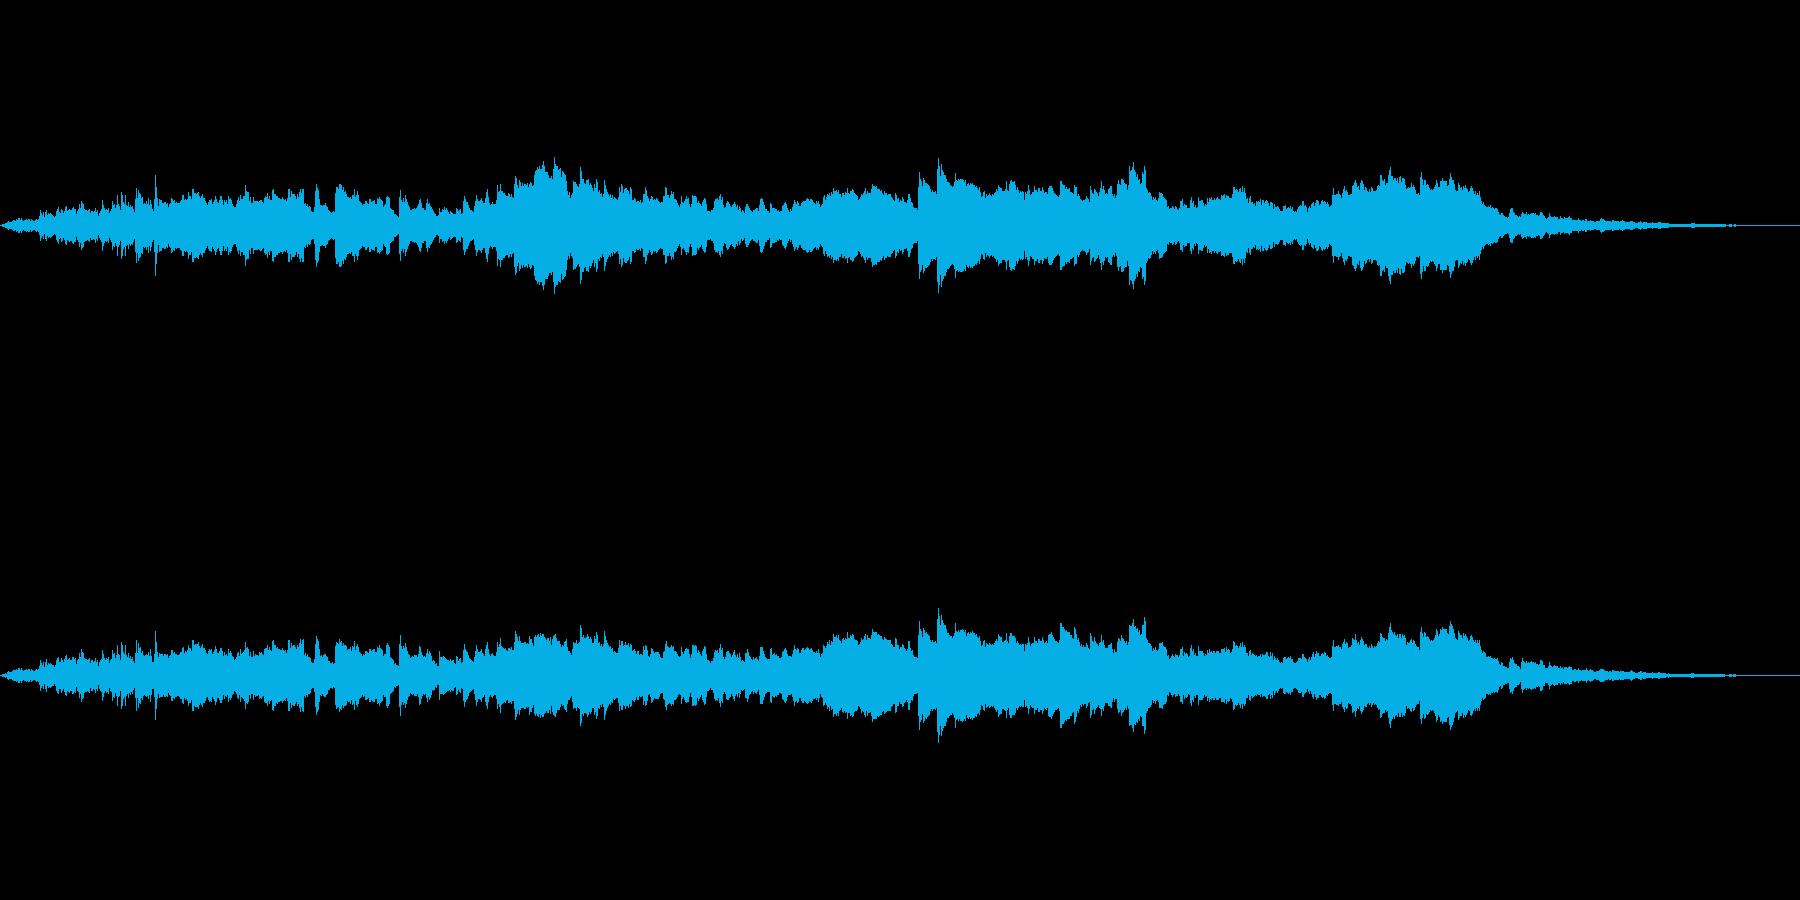 何かが擦れて転がるような効果音 の再生済みの波形